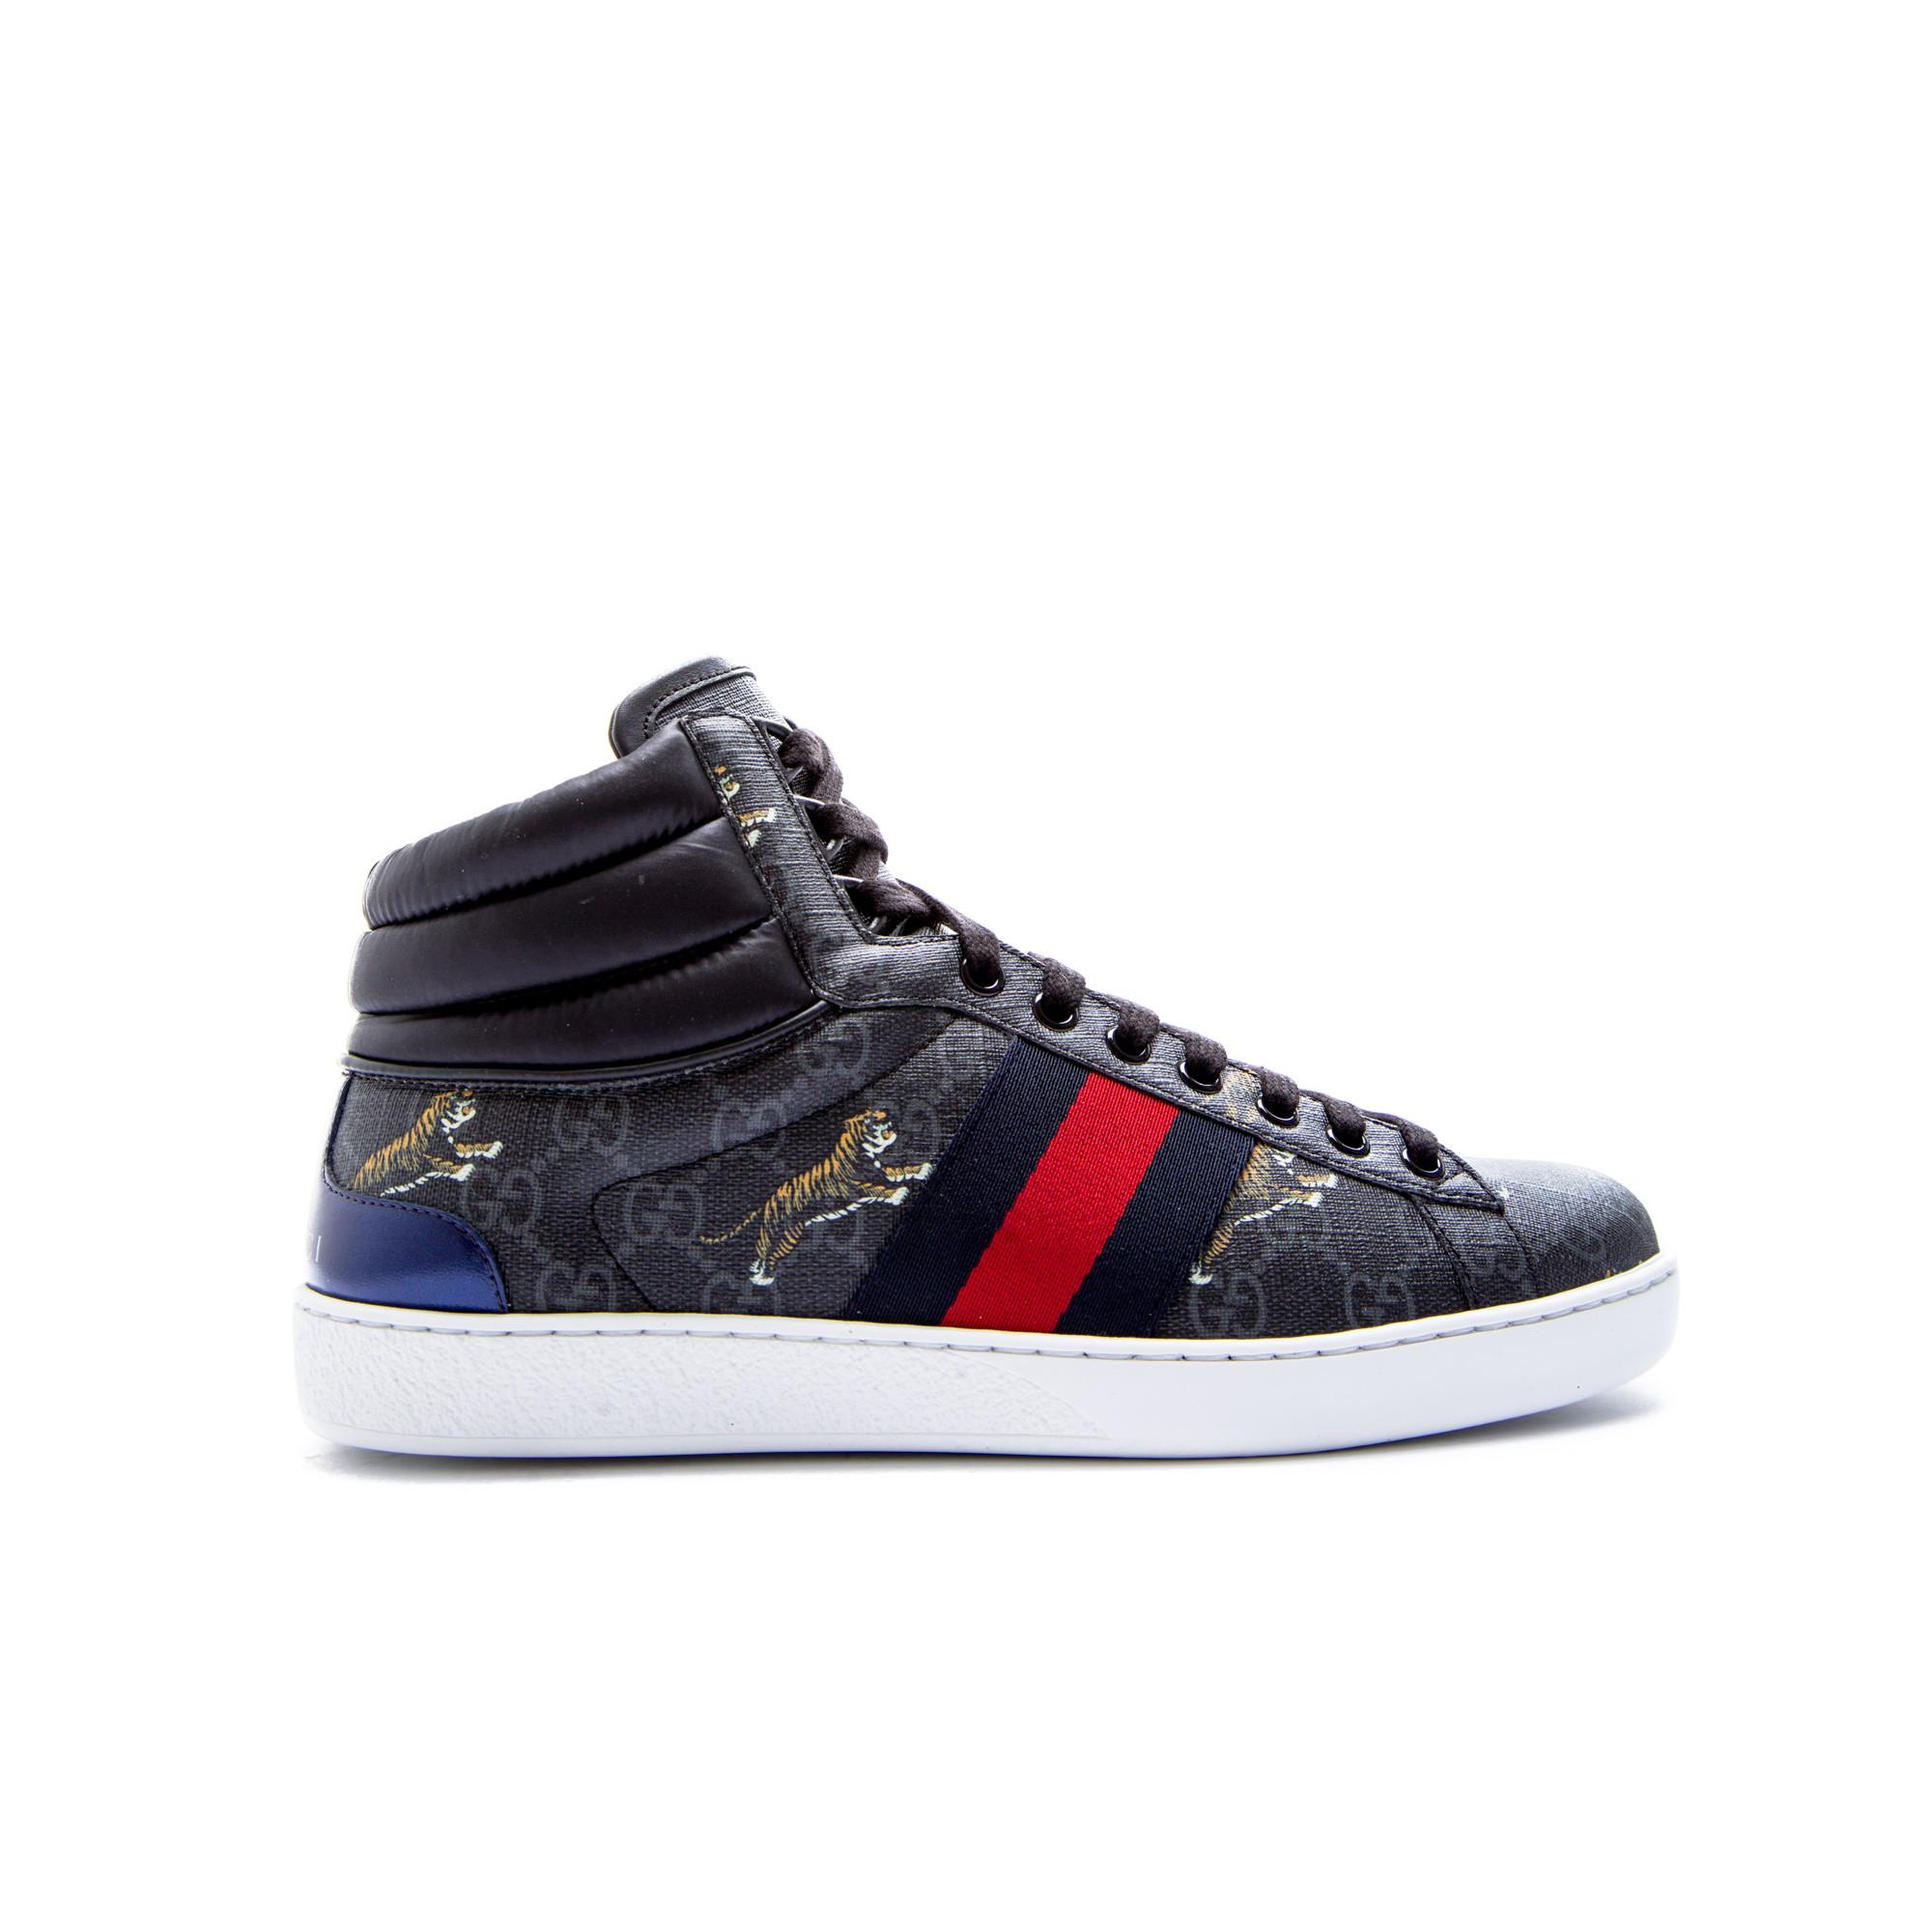 186bdf071f0af Gucci Low Boots Black | Derodeloper.com